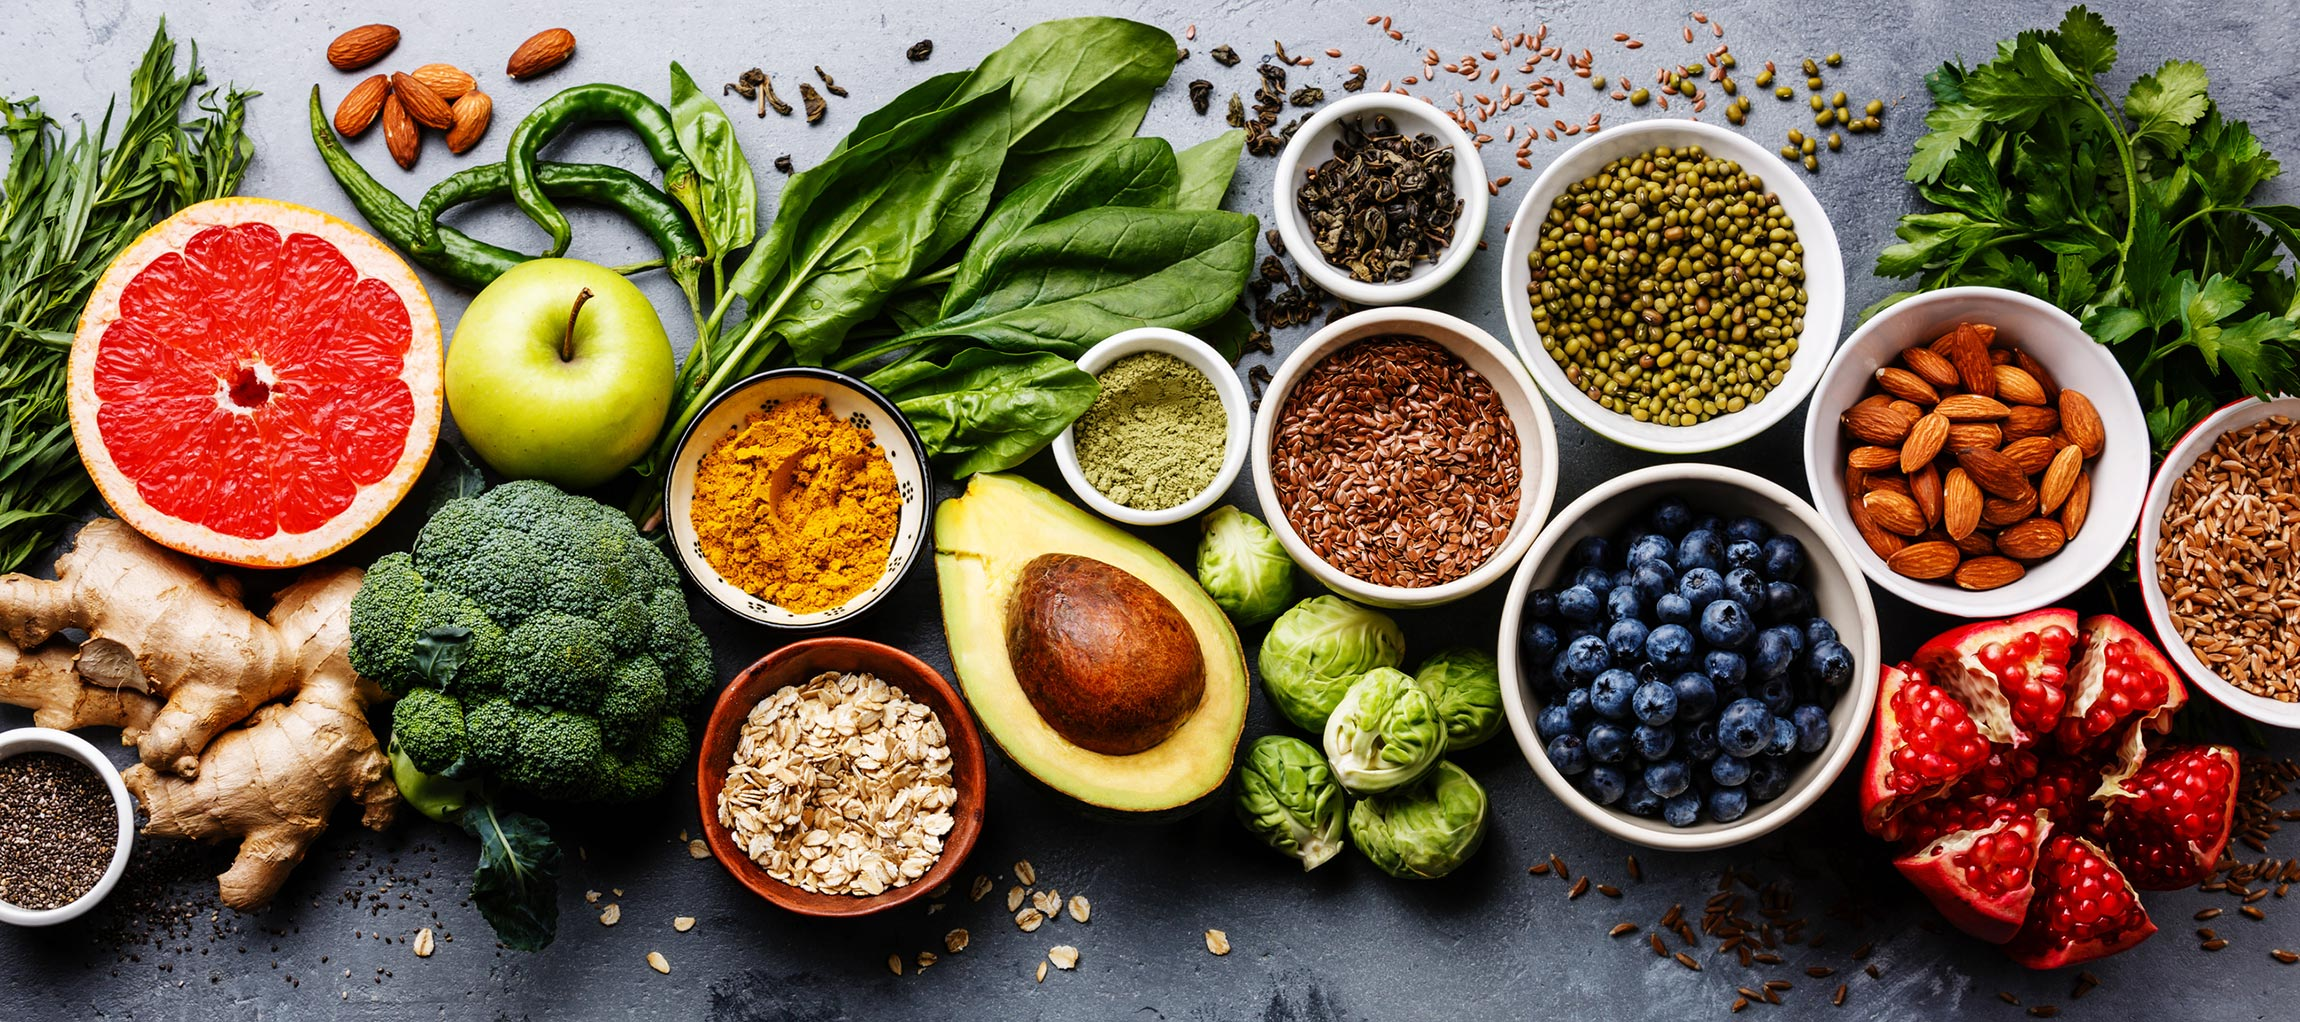 display of variety of healthy foods